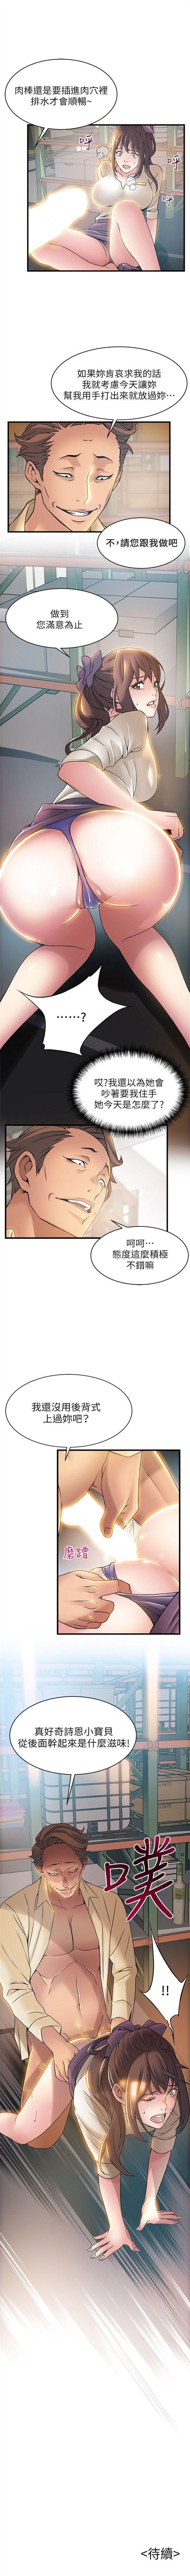 (週7)弱點 1-76 中文翻譯(更新中) 105